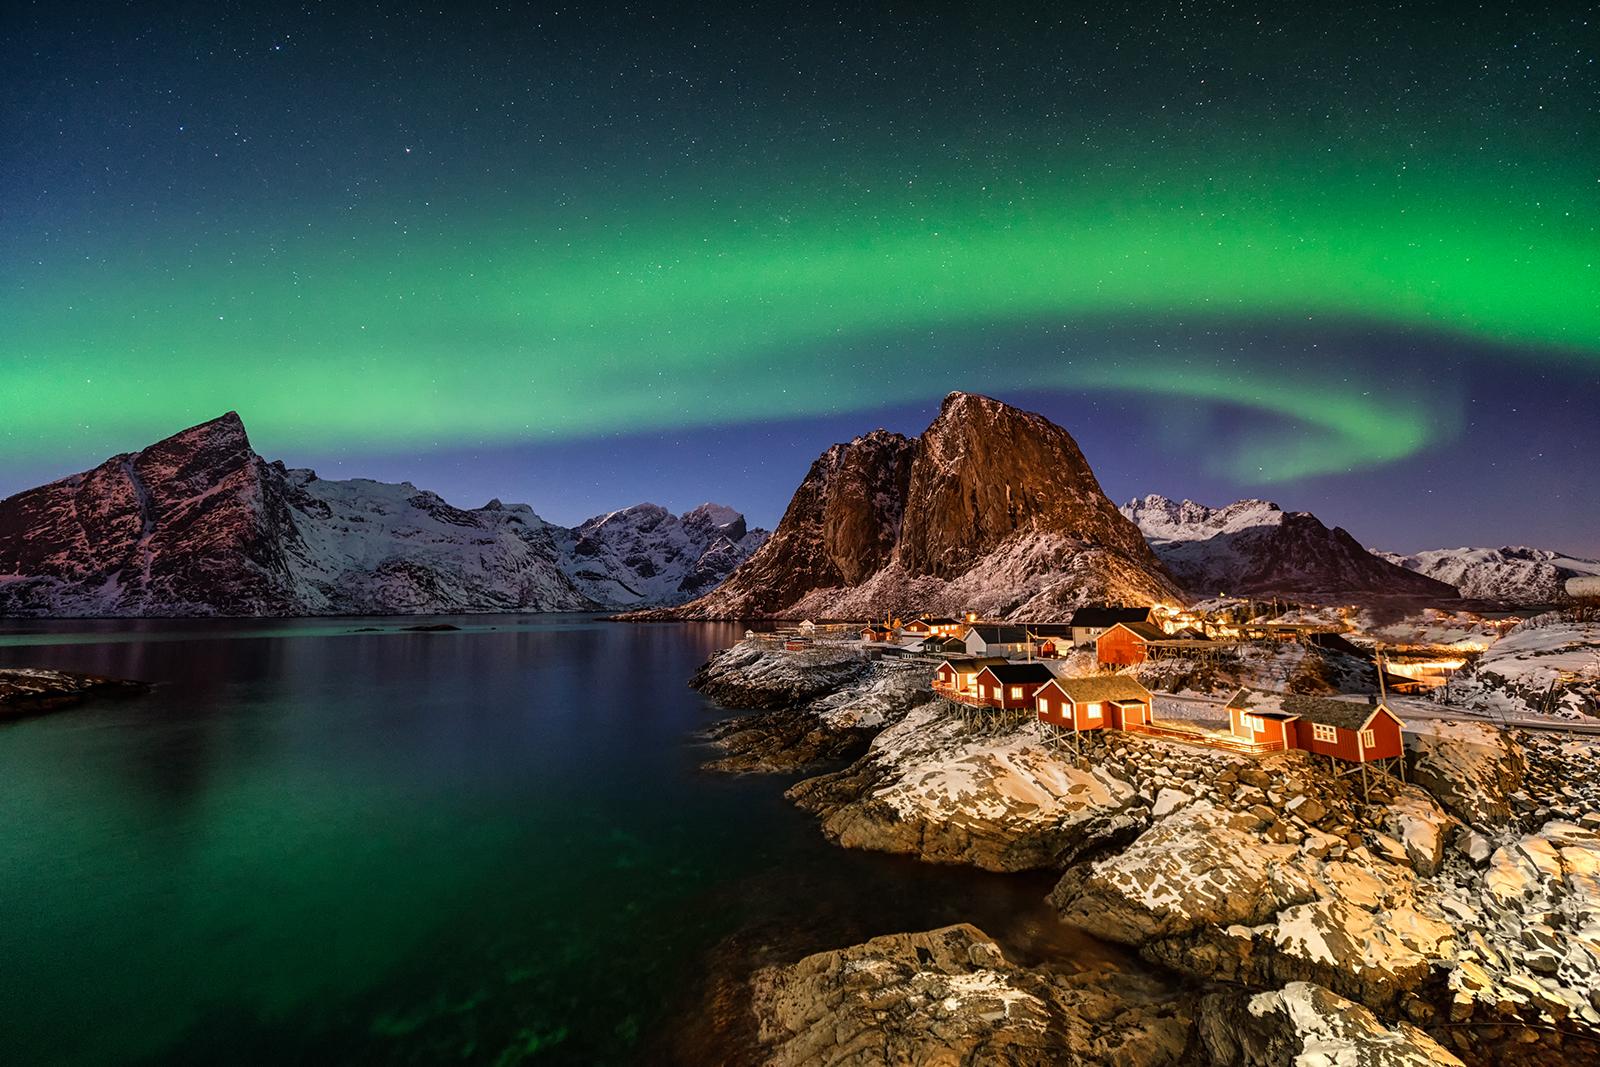 Northern lights, Norway, long exposure, Sony, Venus Laowa